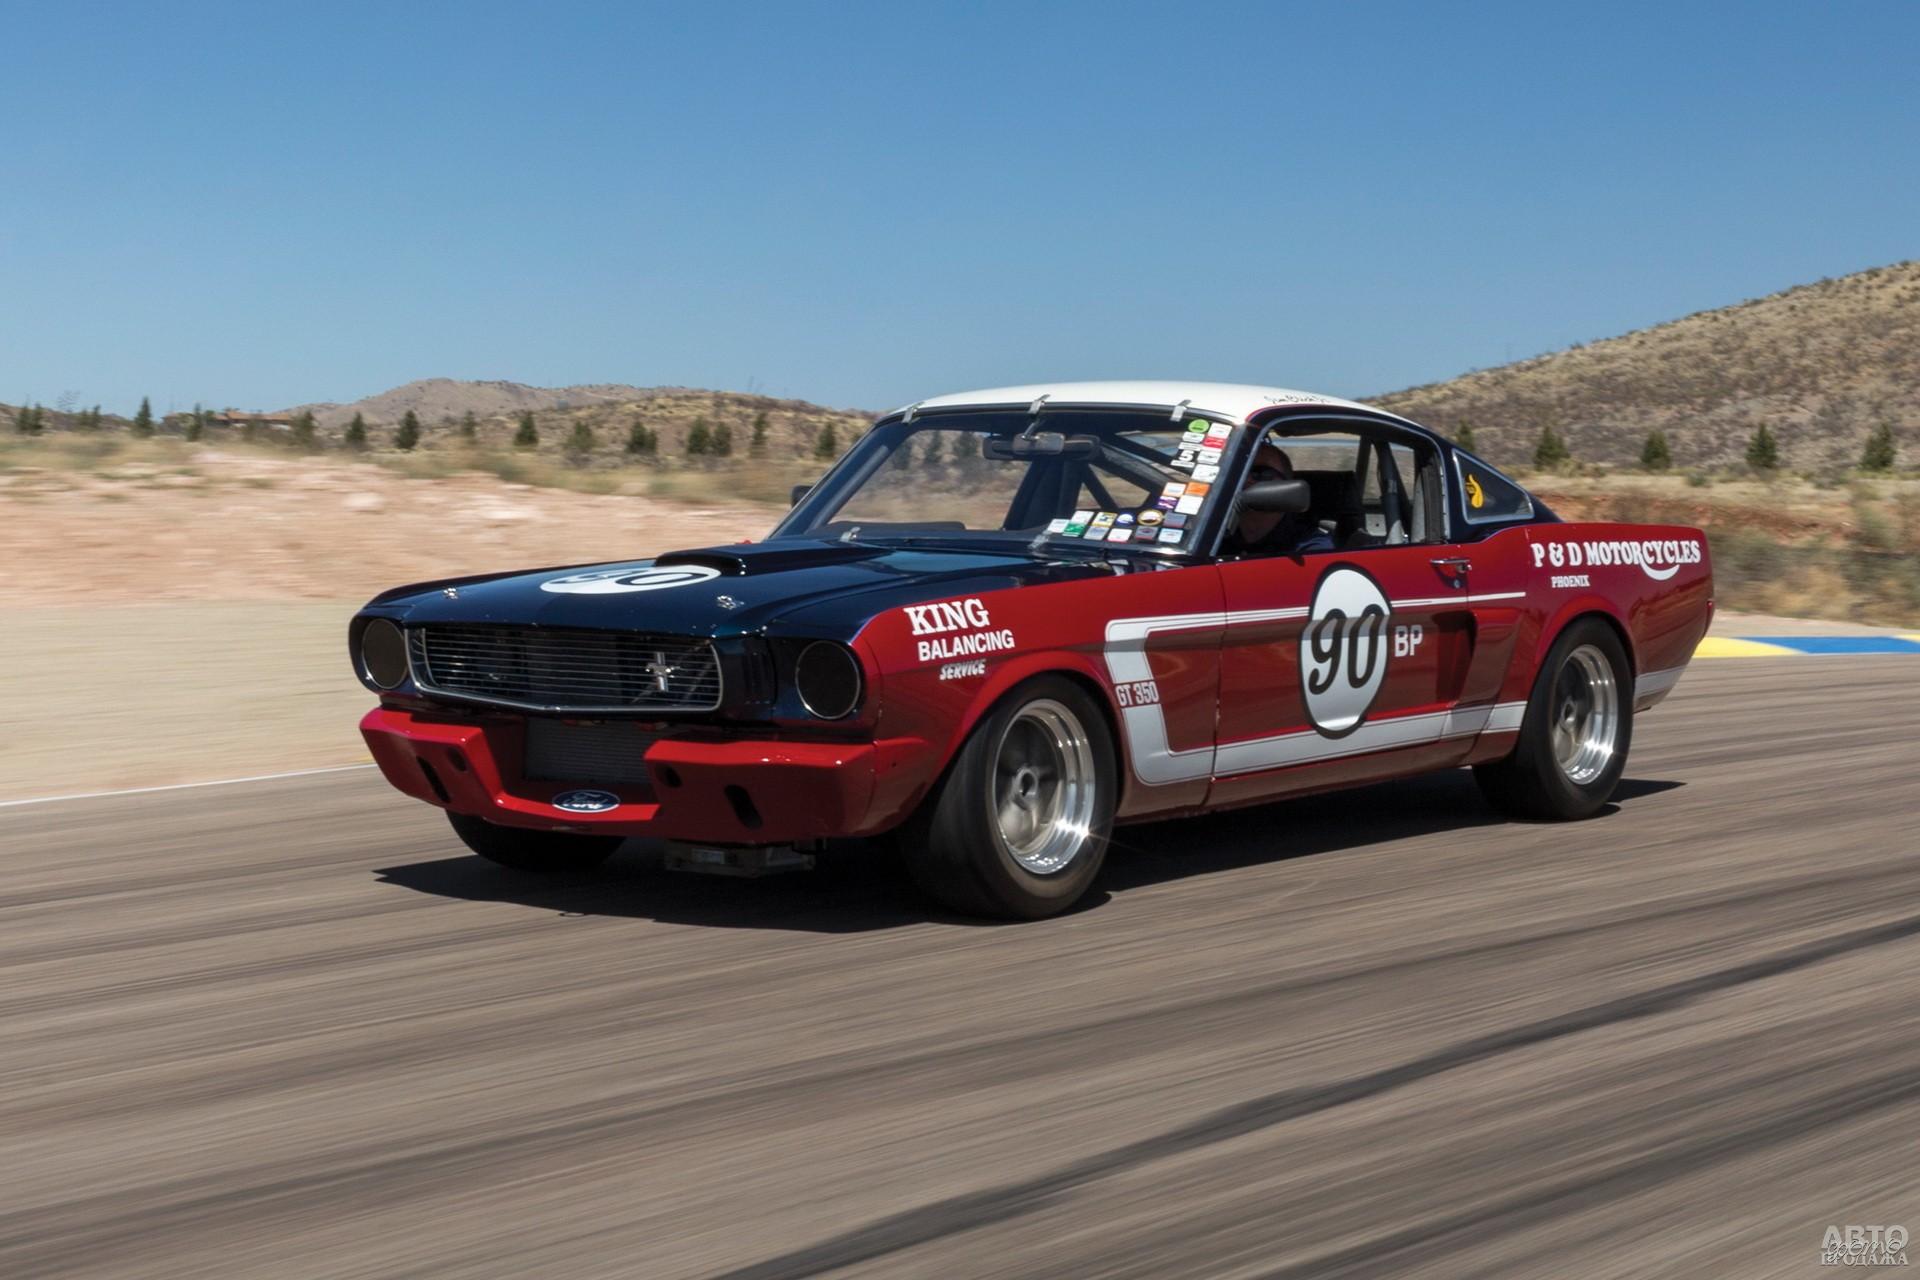 Гоночный Shelby GT350 R выигрывал кузовной чемпионат Trans Am  в 1966 и 1967 годах